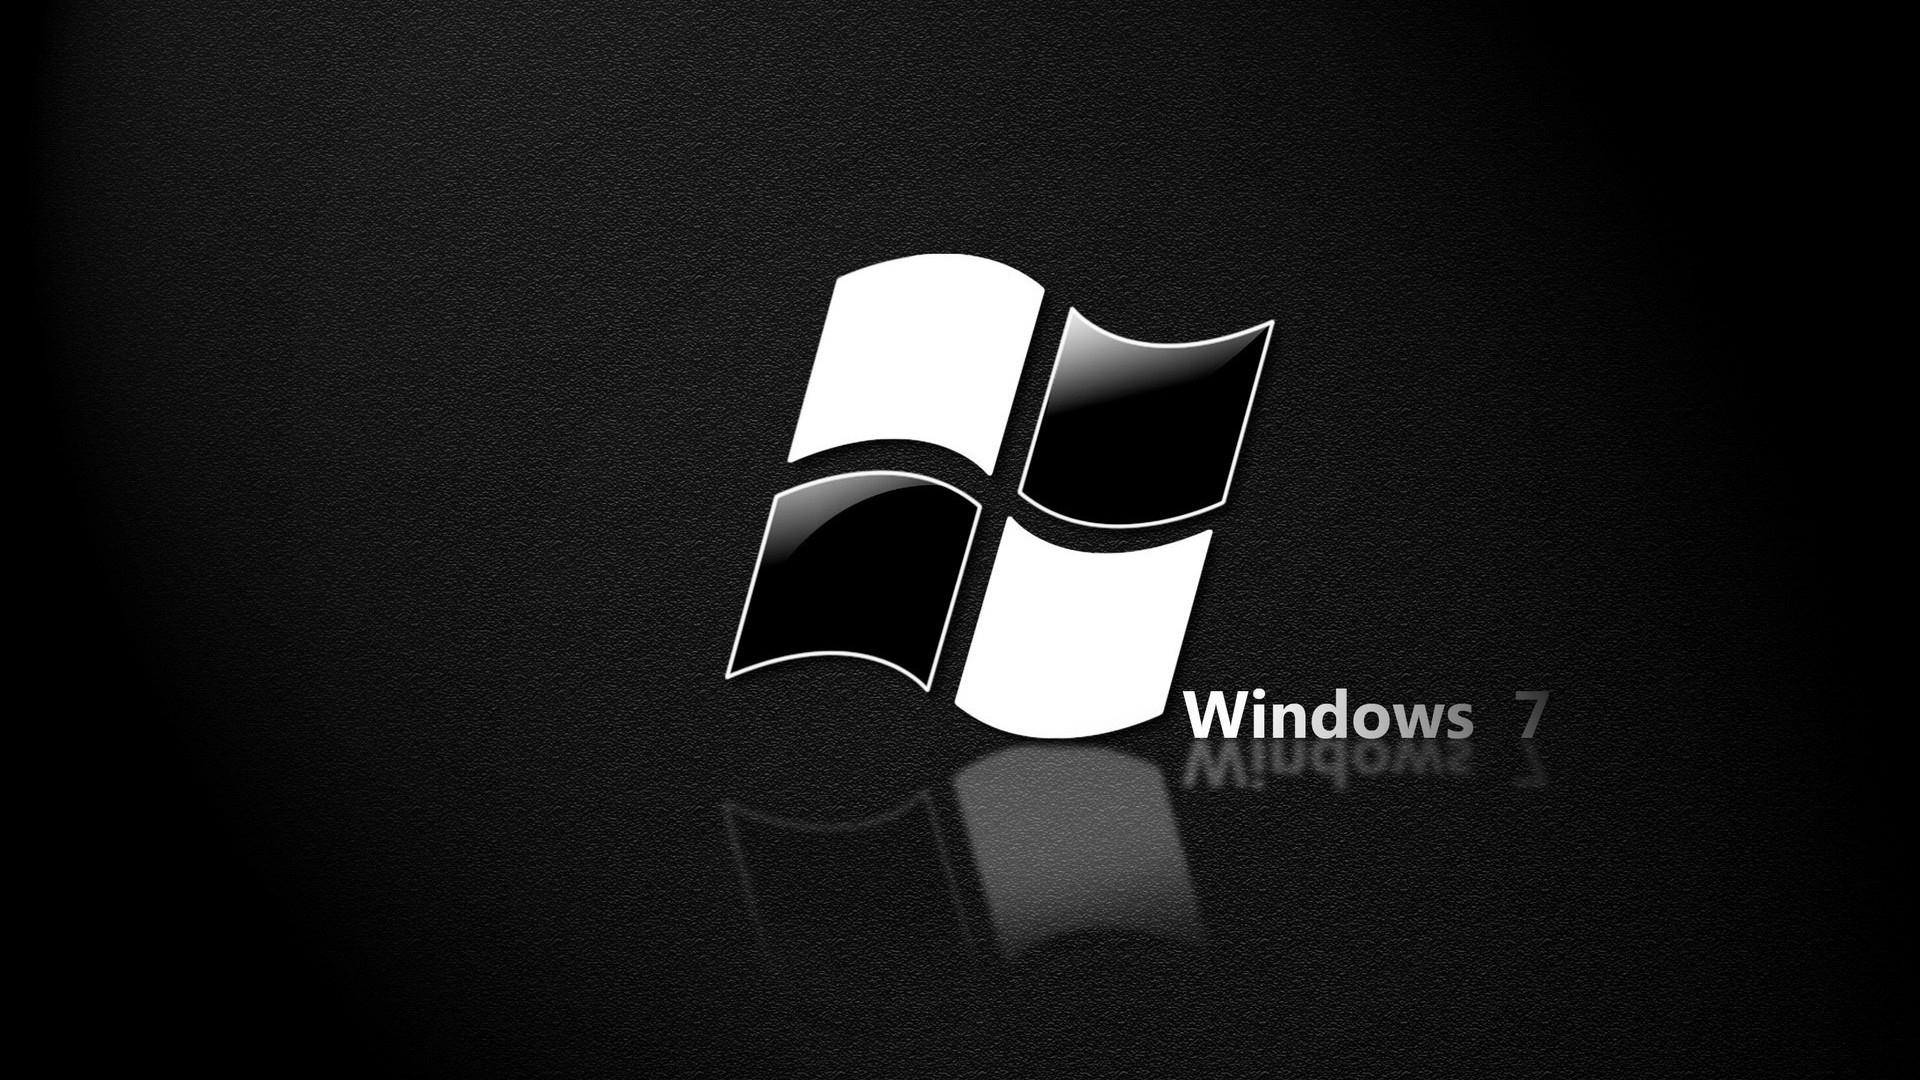 Обои windows 7, зеленый, логотип, минимализм, полоски, свет.